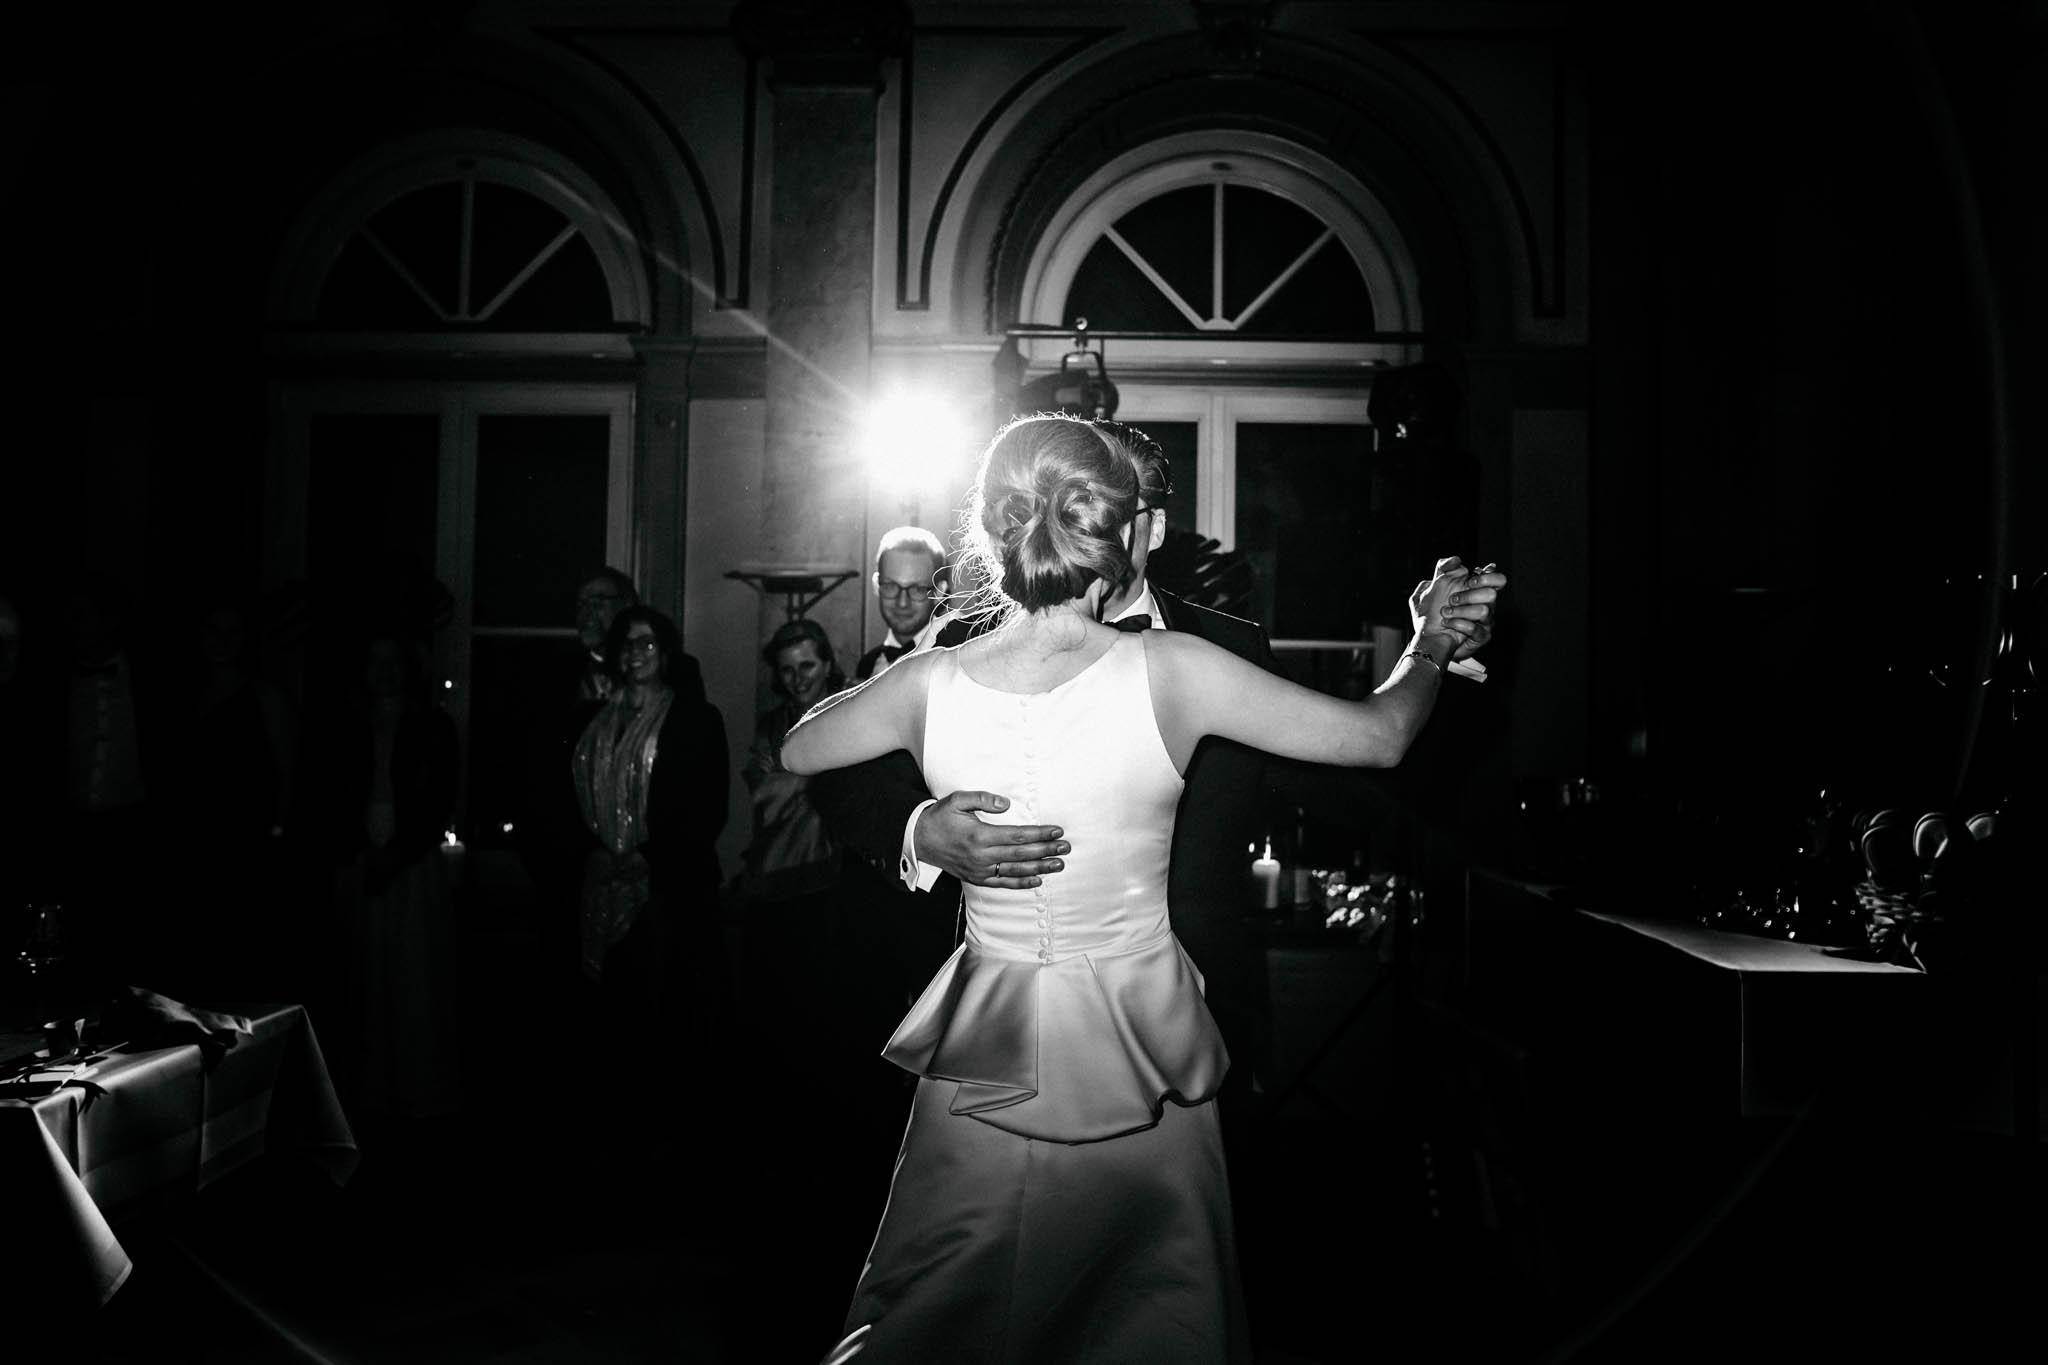 Hochzeitsfieber by Photo-Schomburg, Hochzeitsfotograf, Hamburg,Hochzeitstag, Hochzeitspaar, Braut, Bräutigam, Literaturhauscafe Hamburg-68